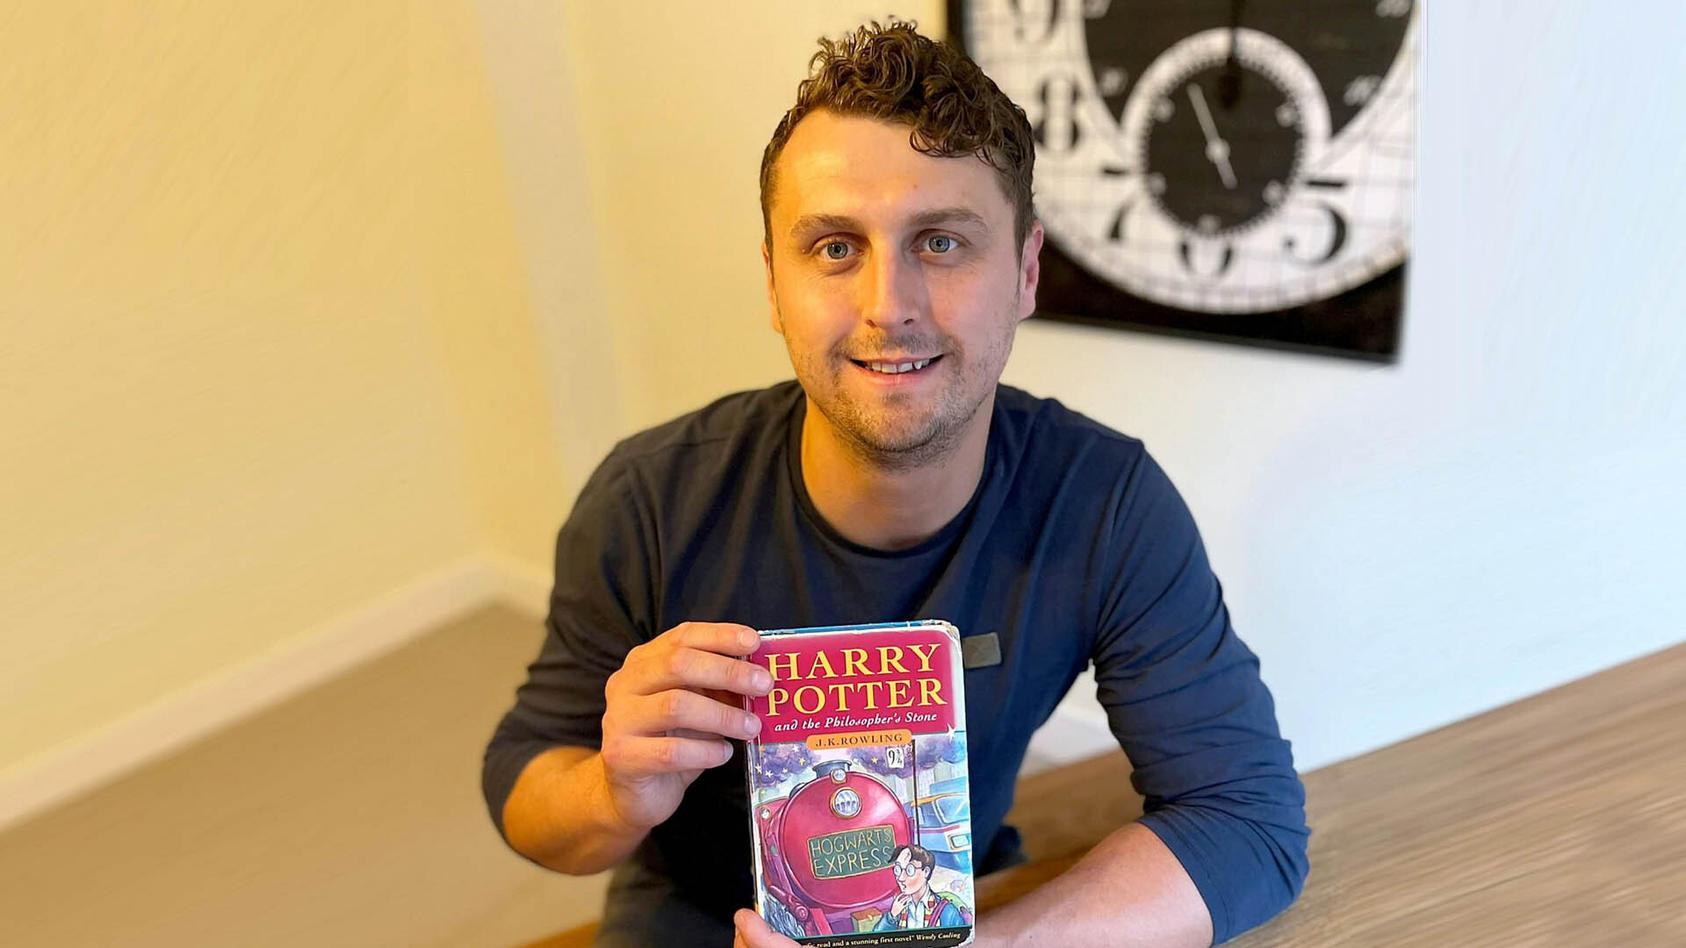 harry-potter-er-versteigert-eines-von-500-exemplaren-der-erstauflage-und-macht-damit-richtig-geld